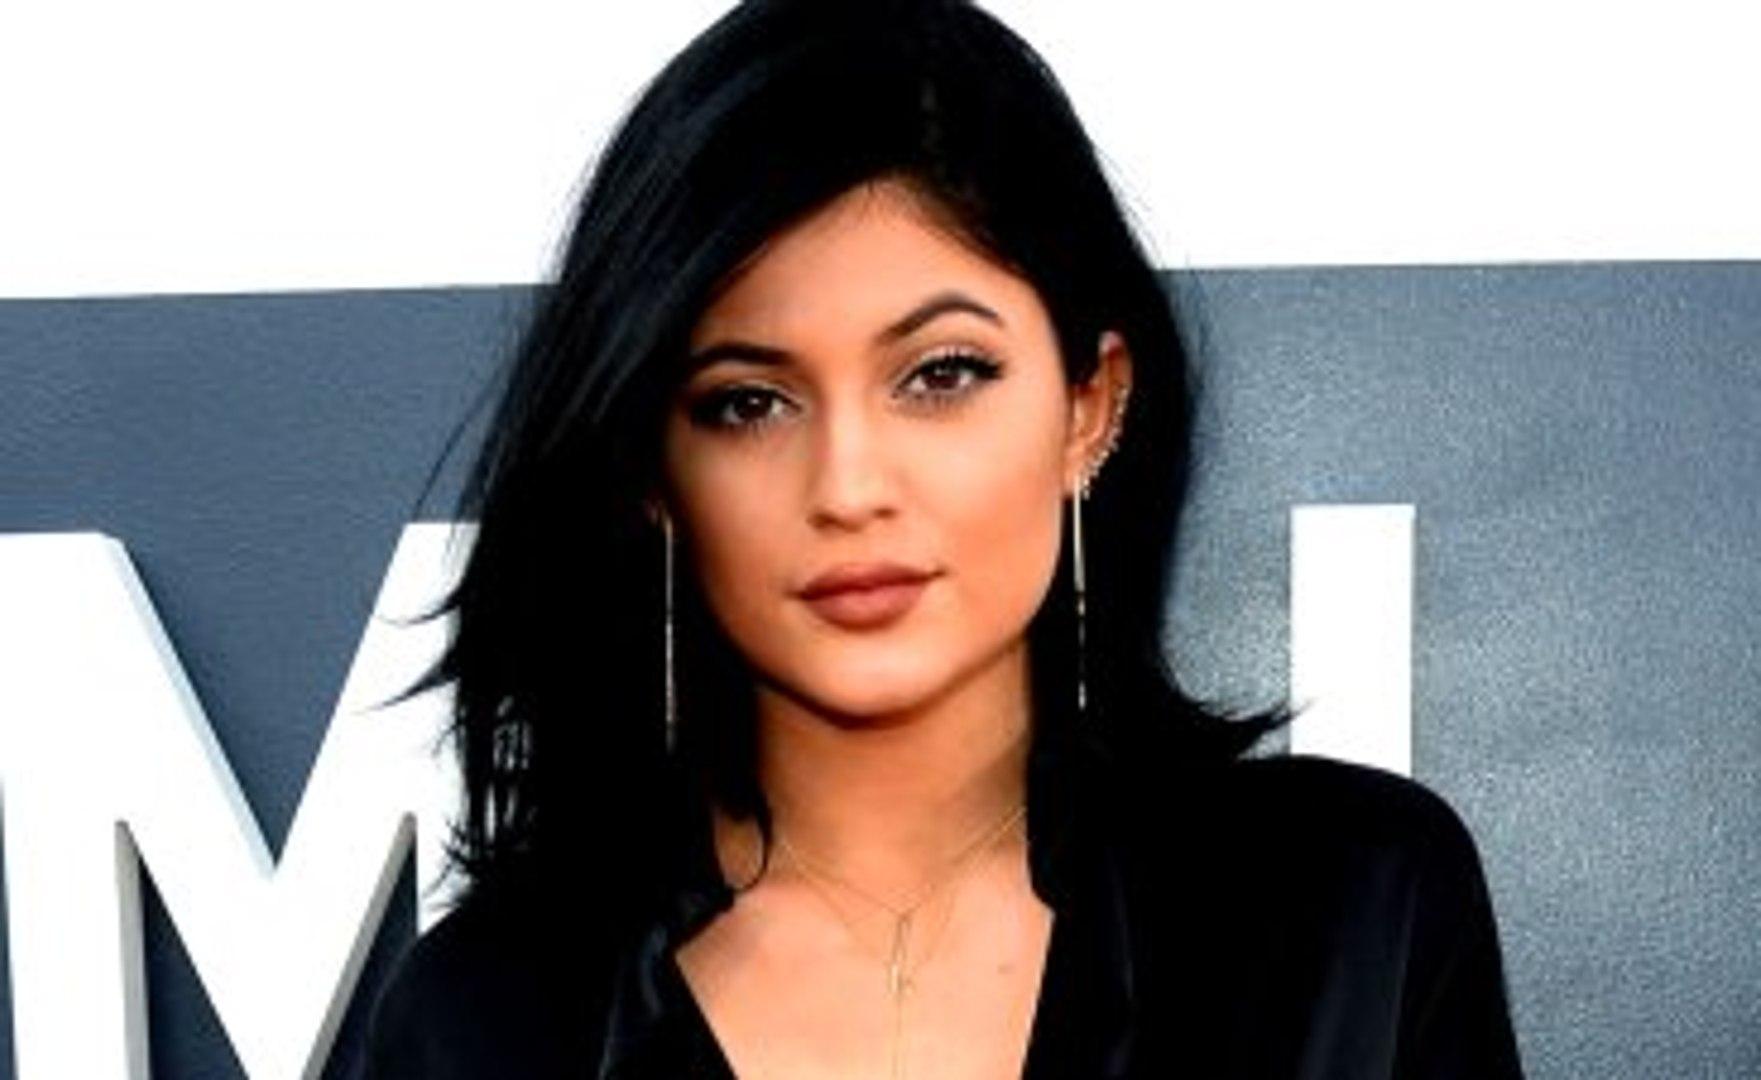 Kylie Jenner'ın Telefon Numarası İfşa Edildi